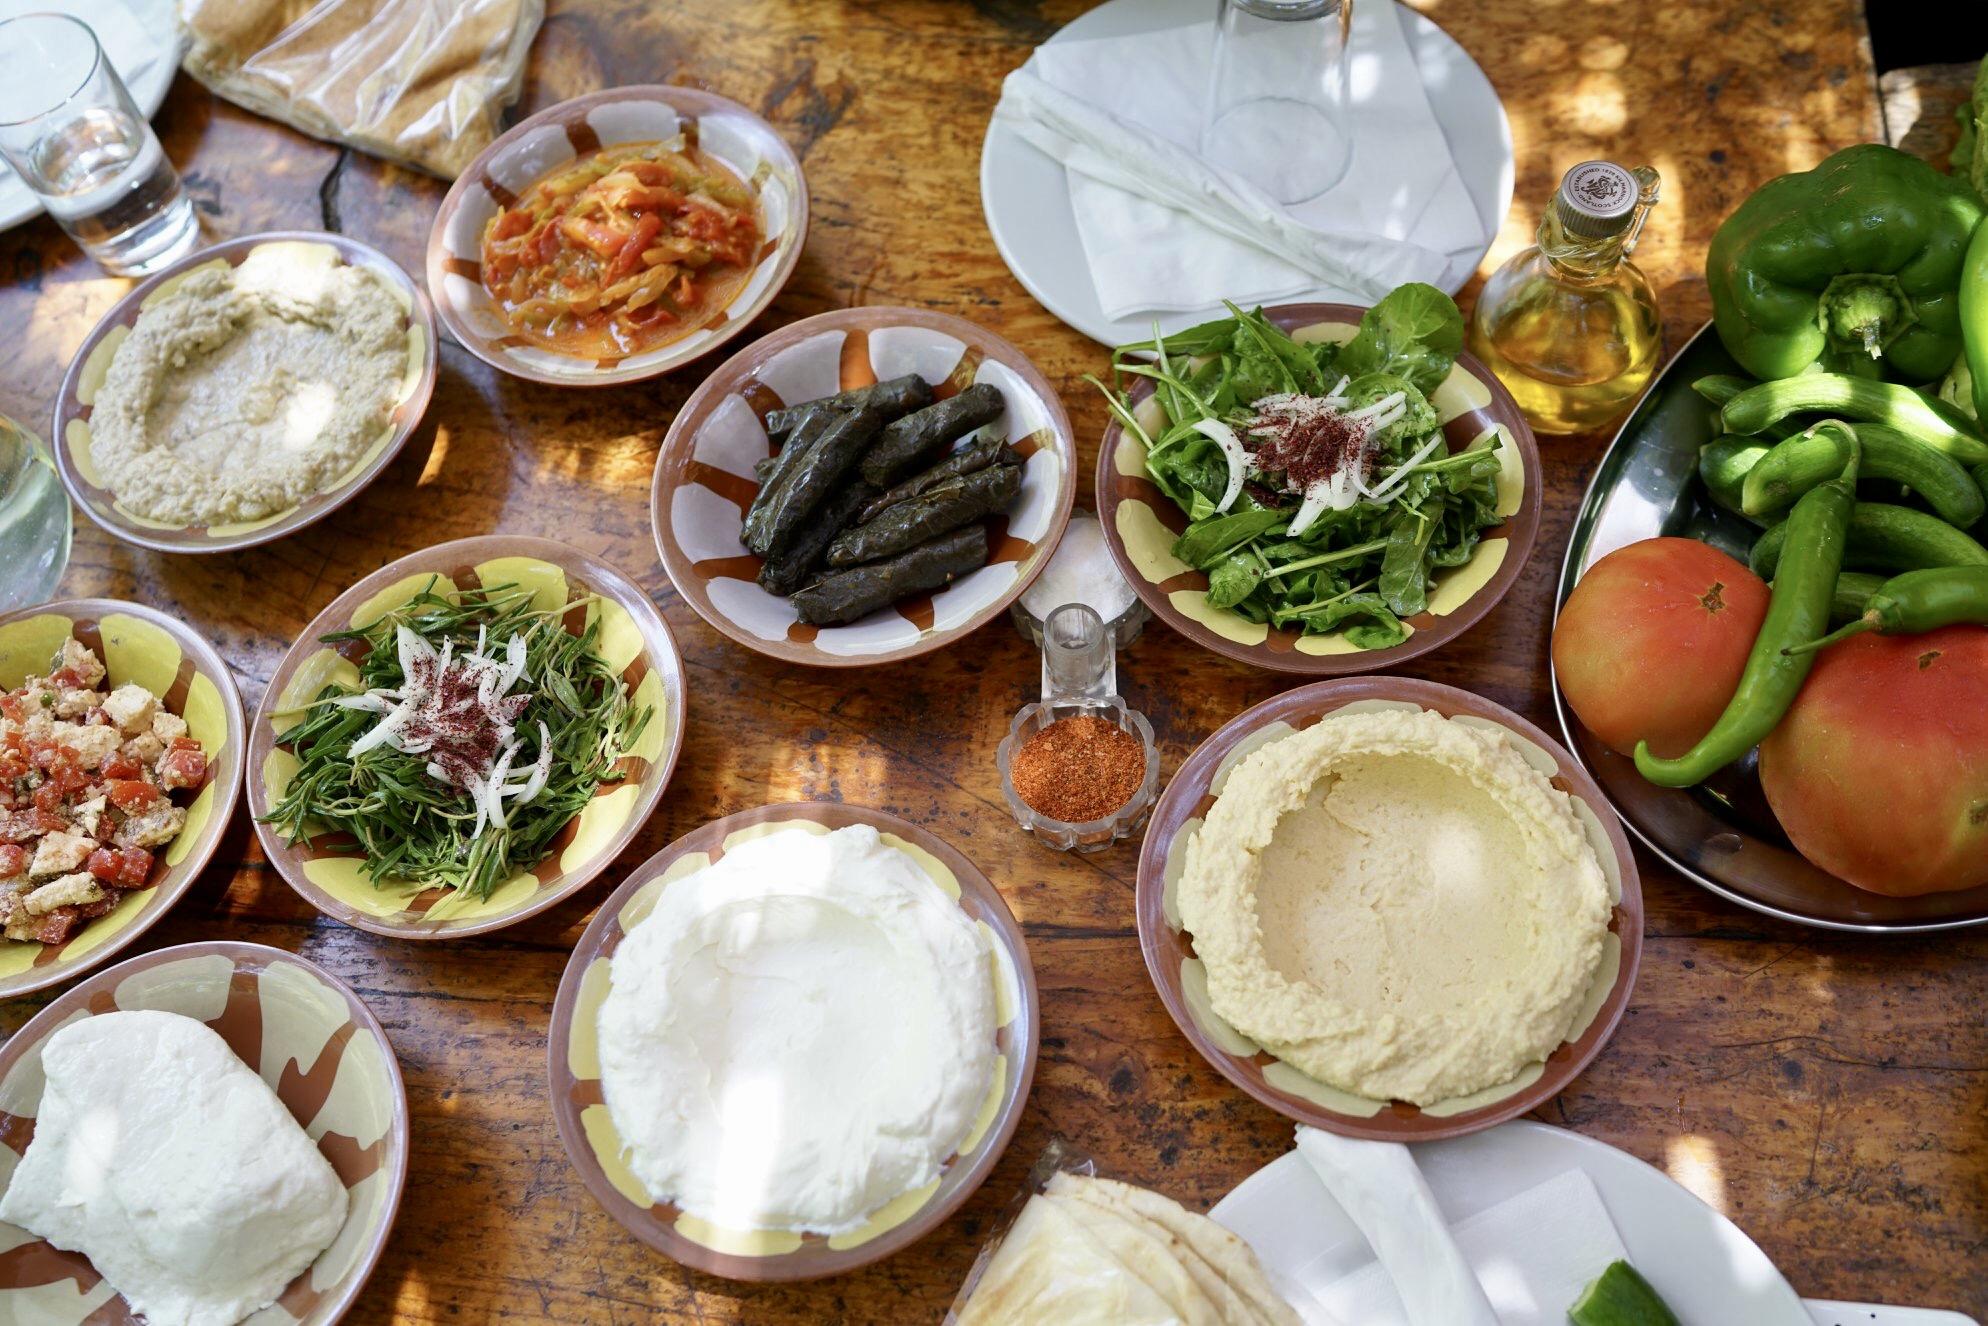 중동의 꽃, 레바논 식탁 - 내가 사랑한 레바논 음...